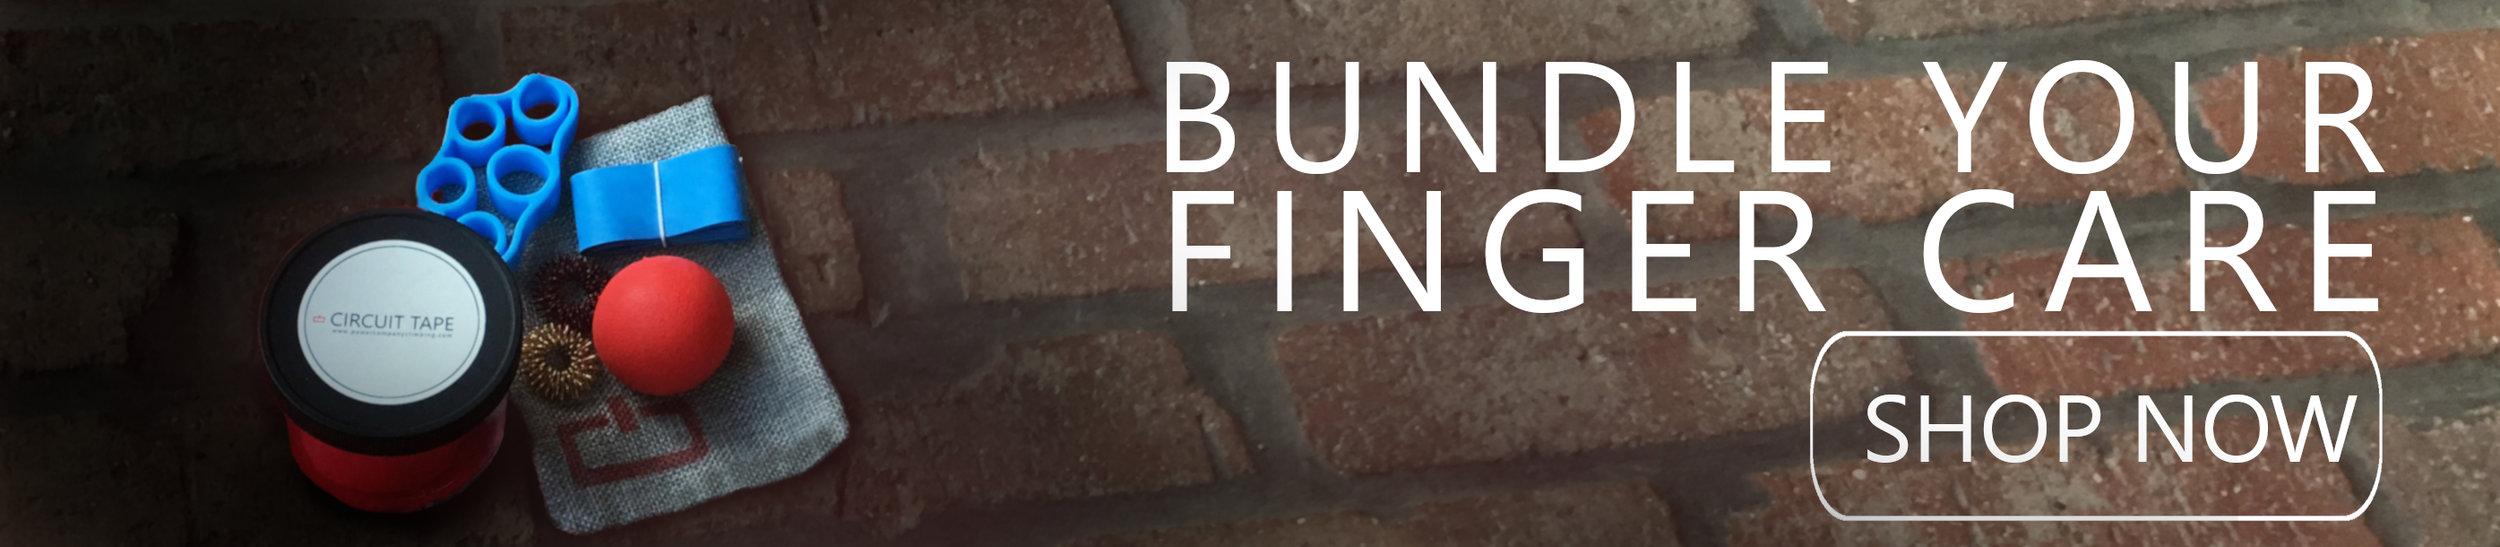 finger_care_bundle_banner.jpg